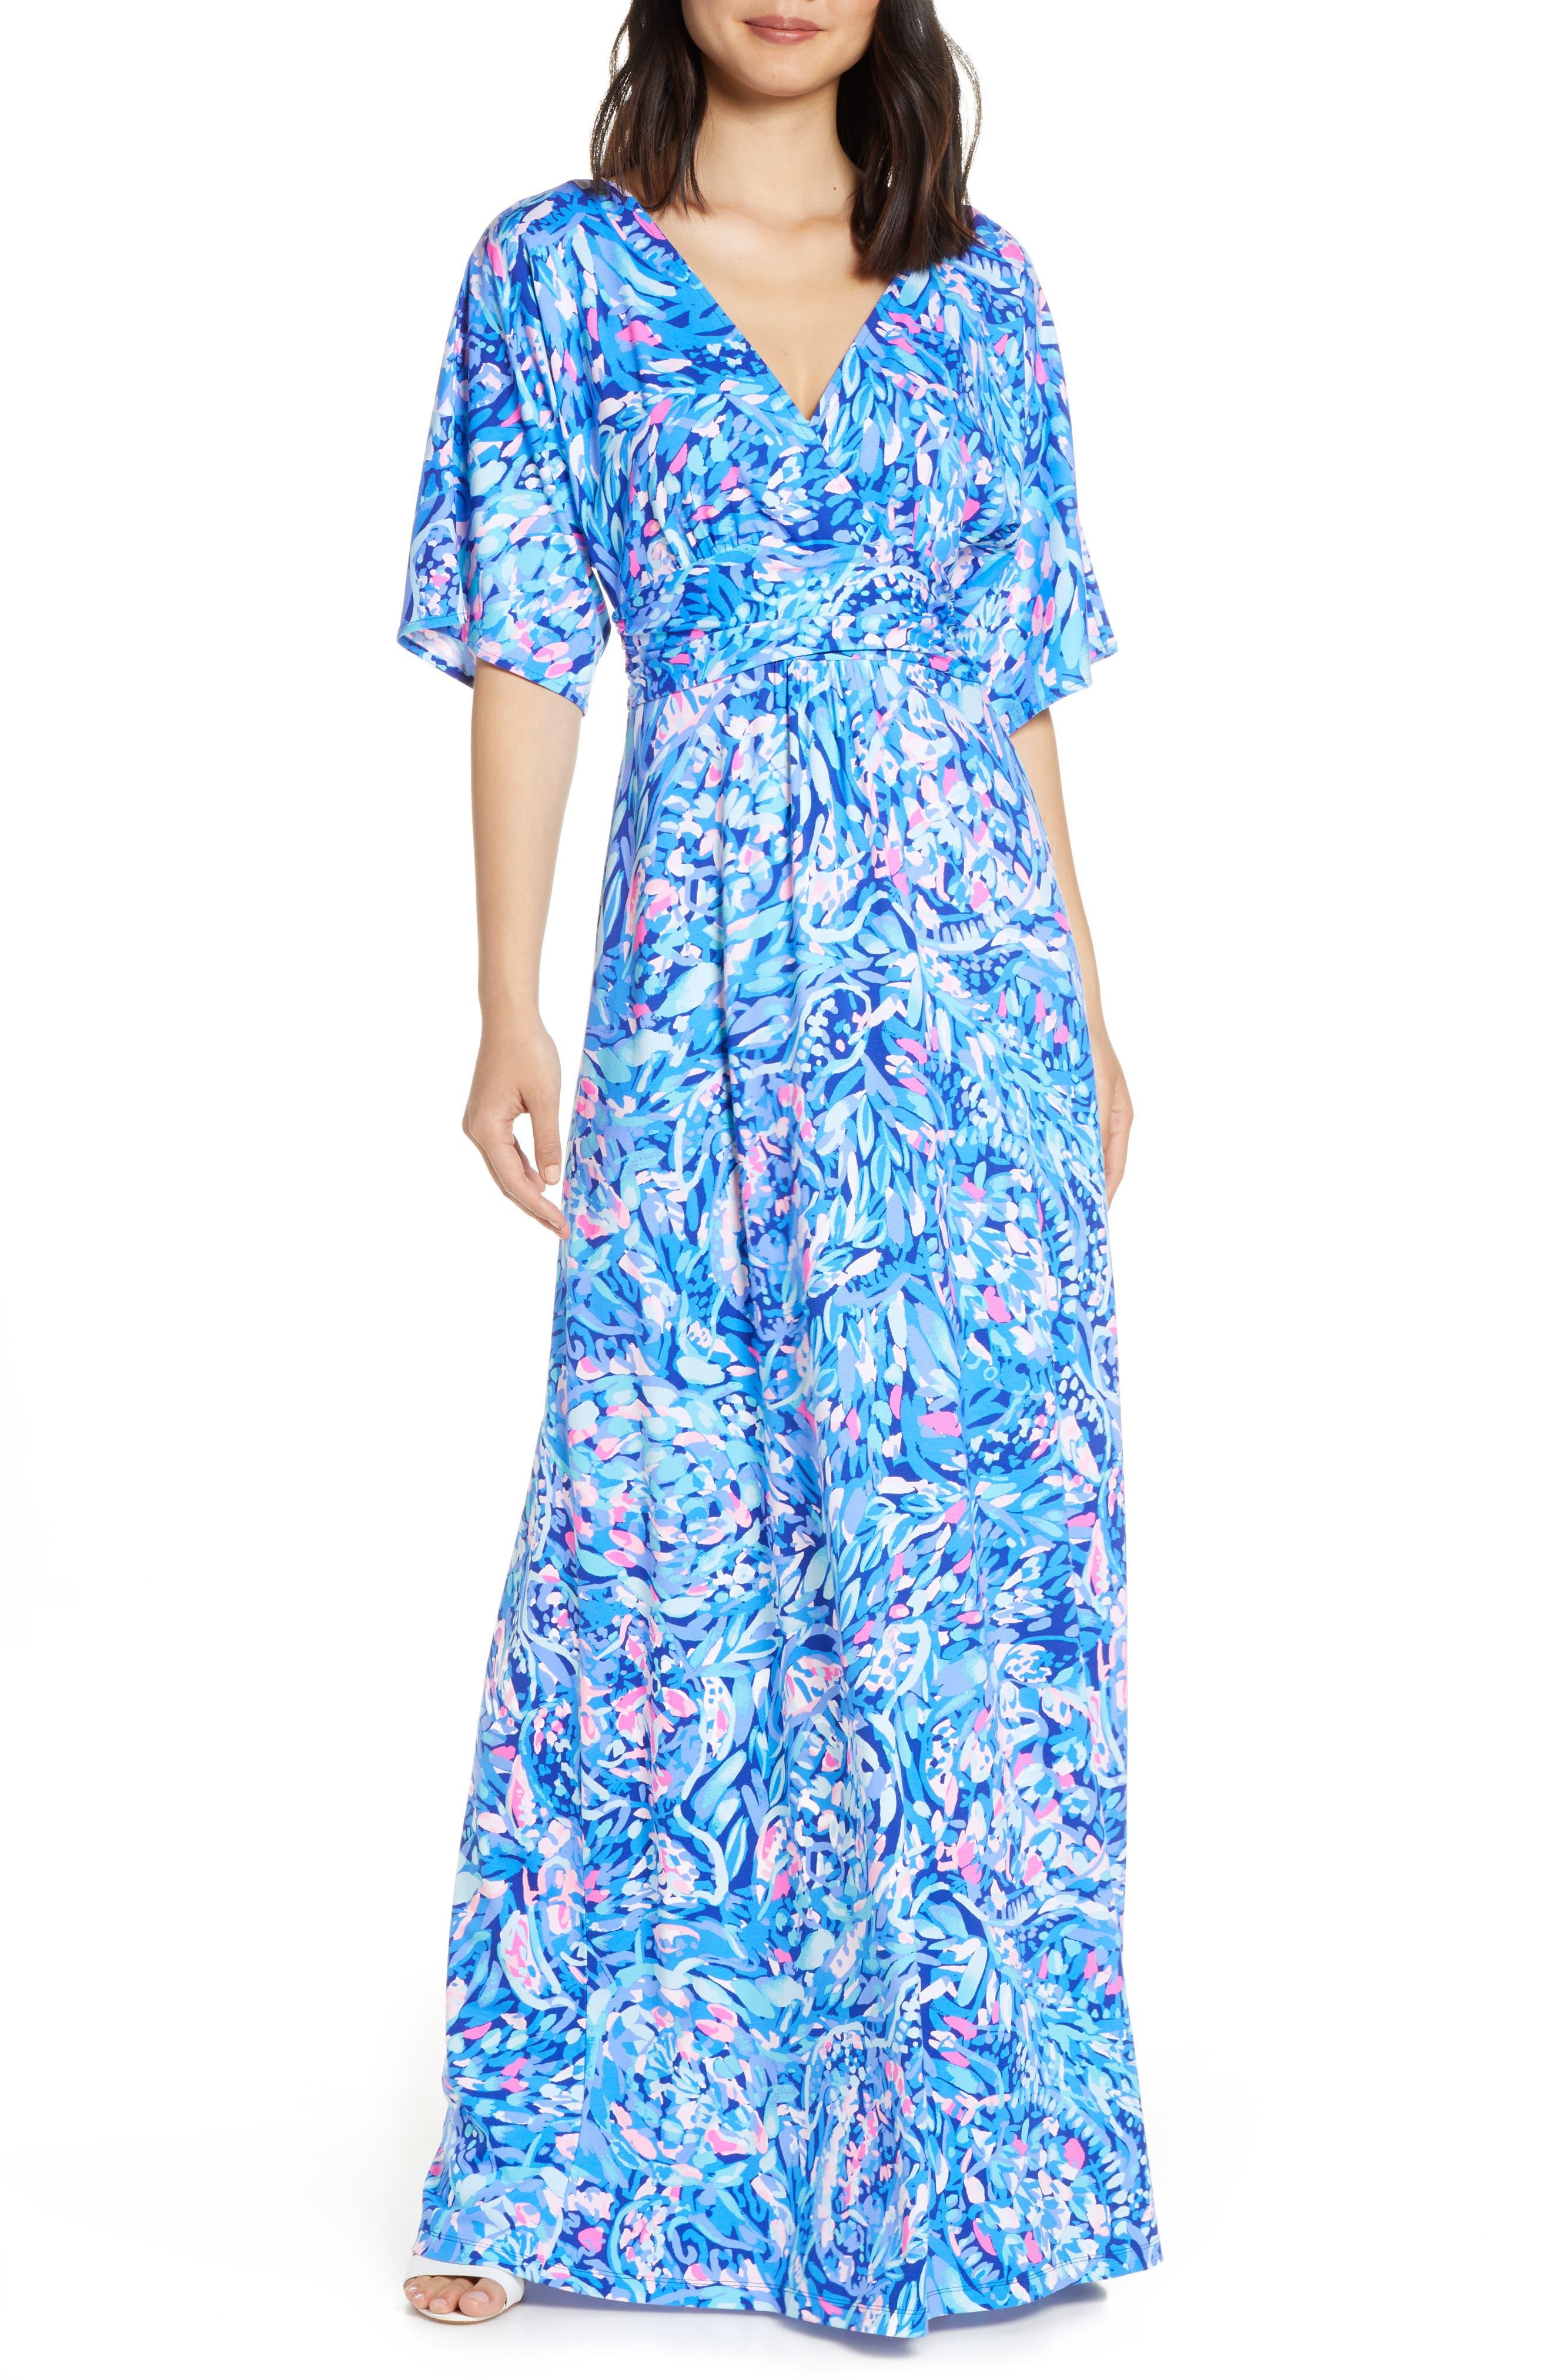 Lilly Pulitzer Parigi Maxi Dress, Blue